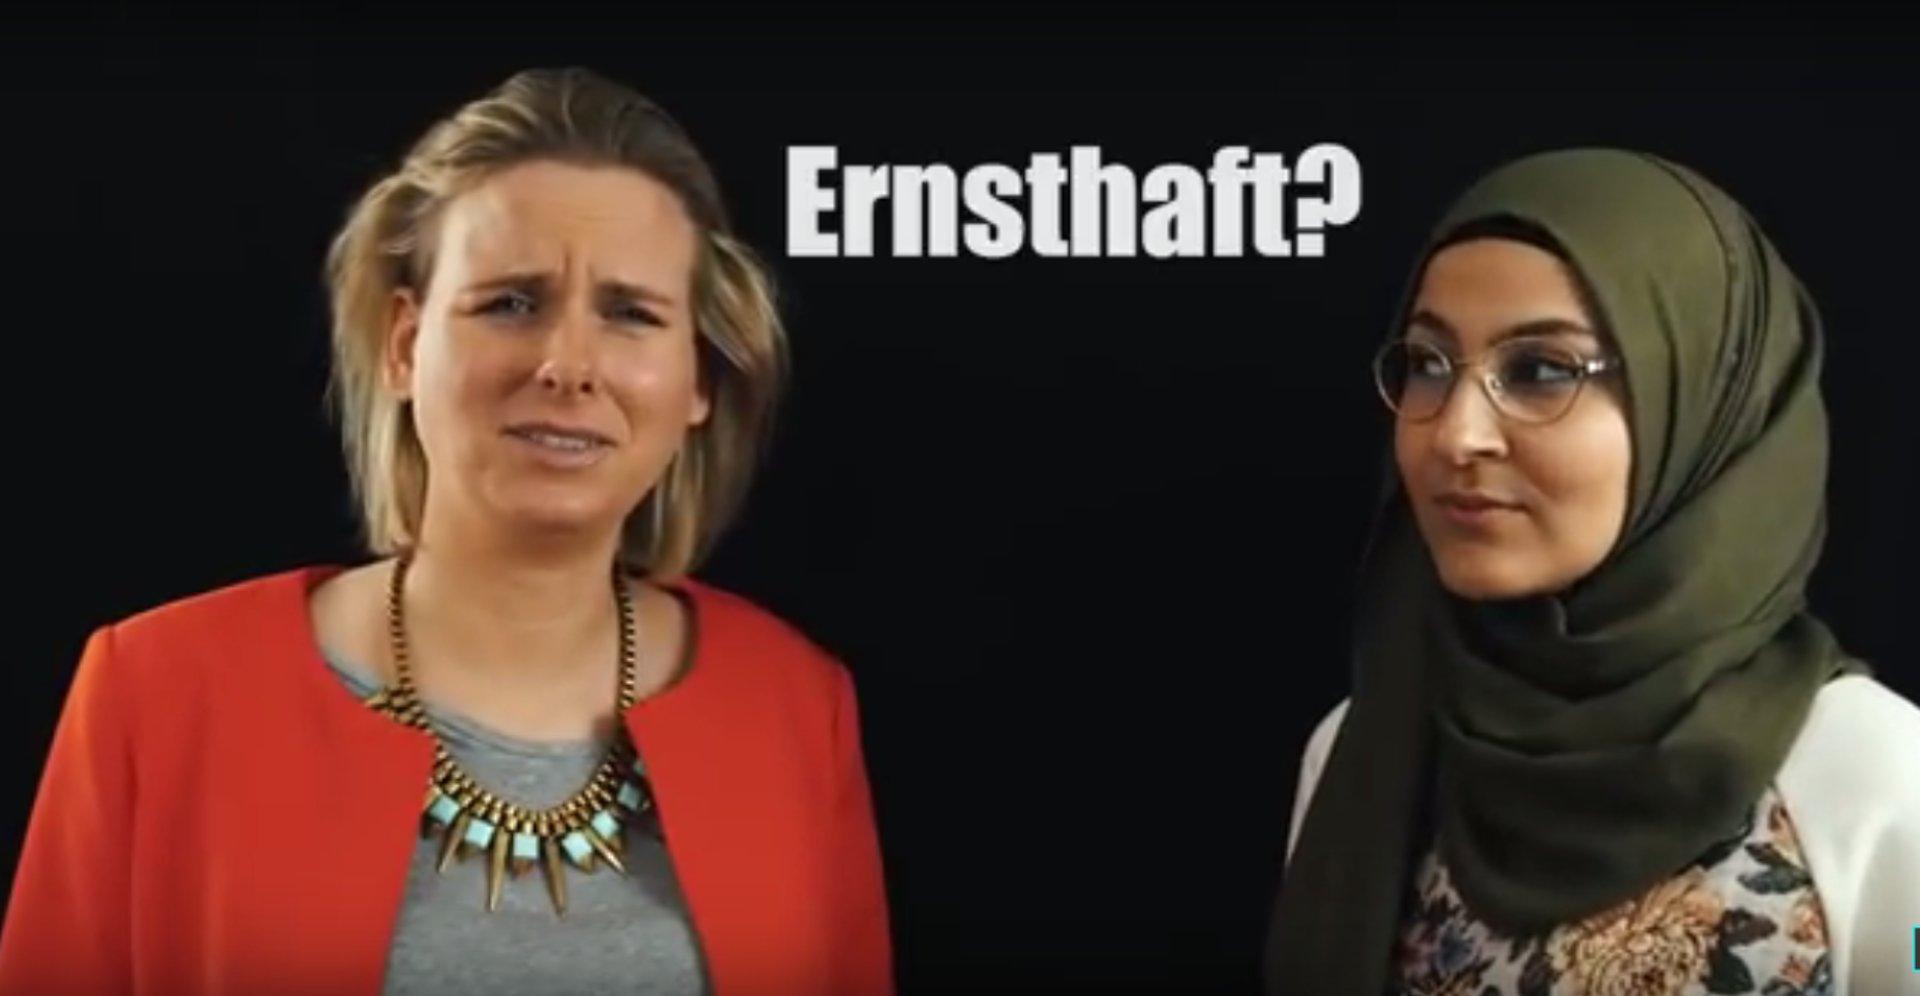 #JetztistSchluss: YouTuberinnen kontern gegen Hass-Kommentare